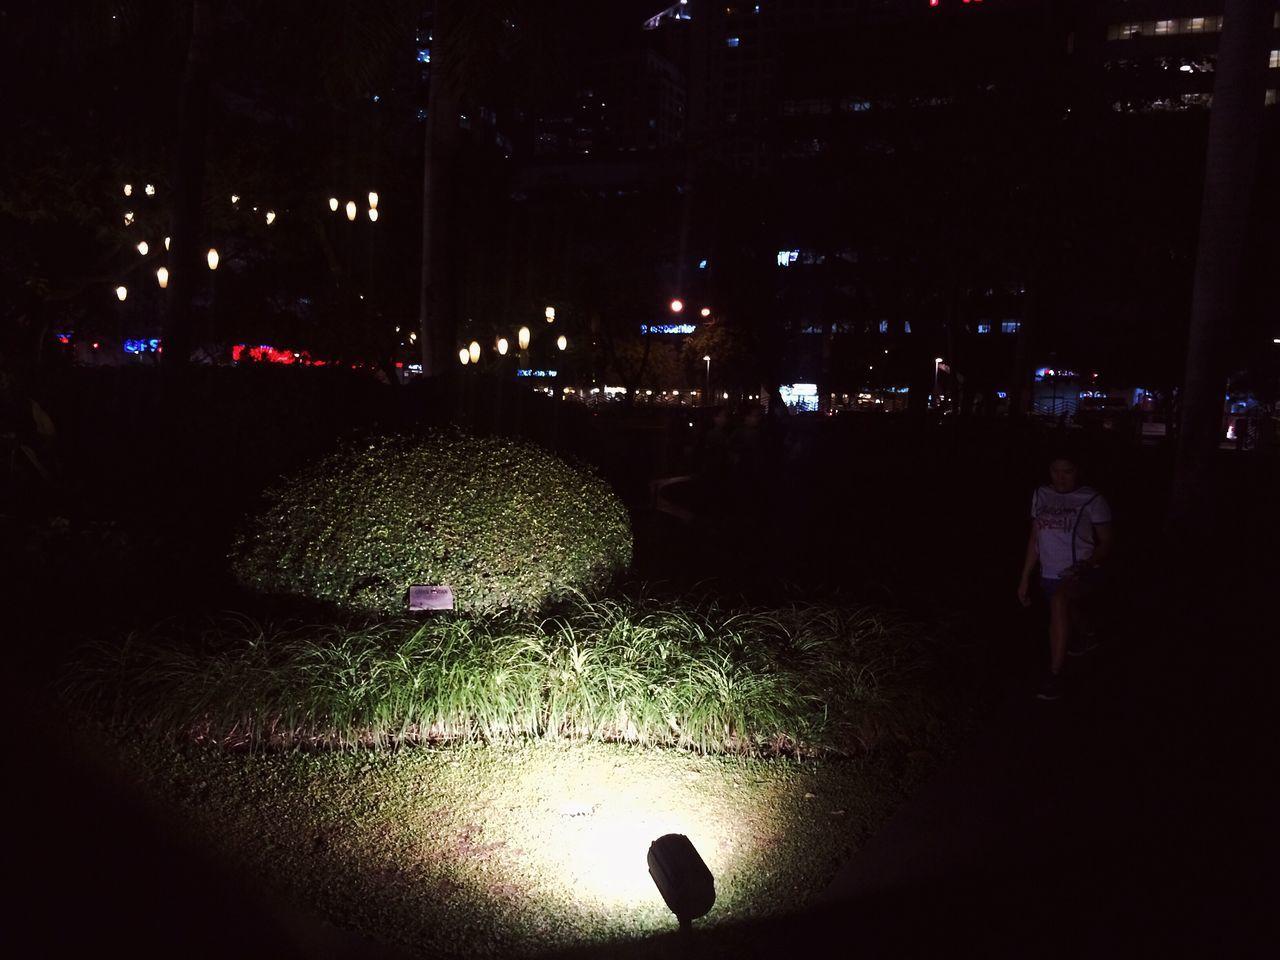 Randomshot Walking Around Light Something Interesting Iphonephoto IPhoneography Iphone5s Photography Eyeem Philippines